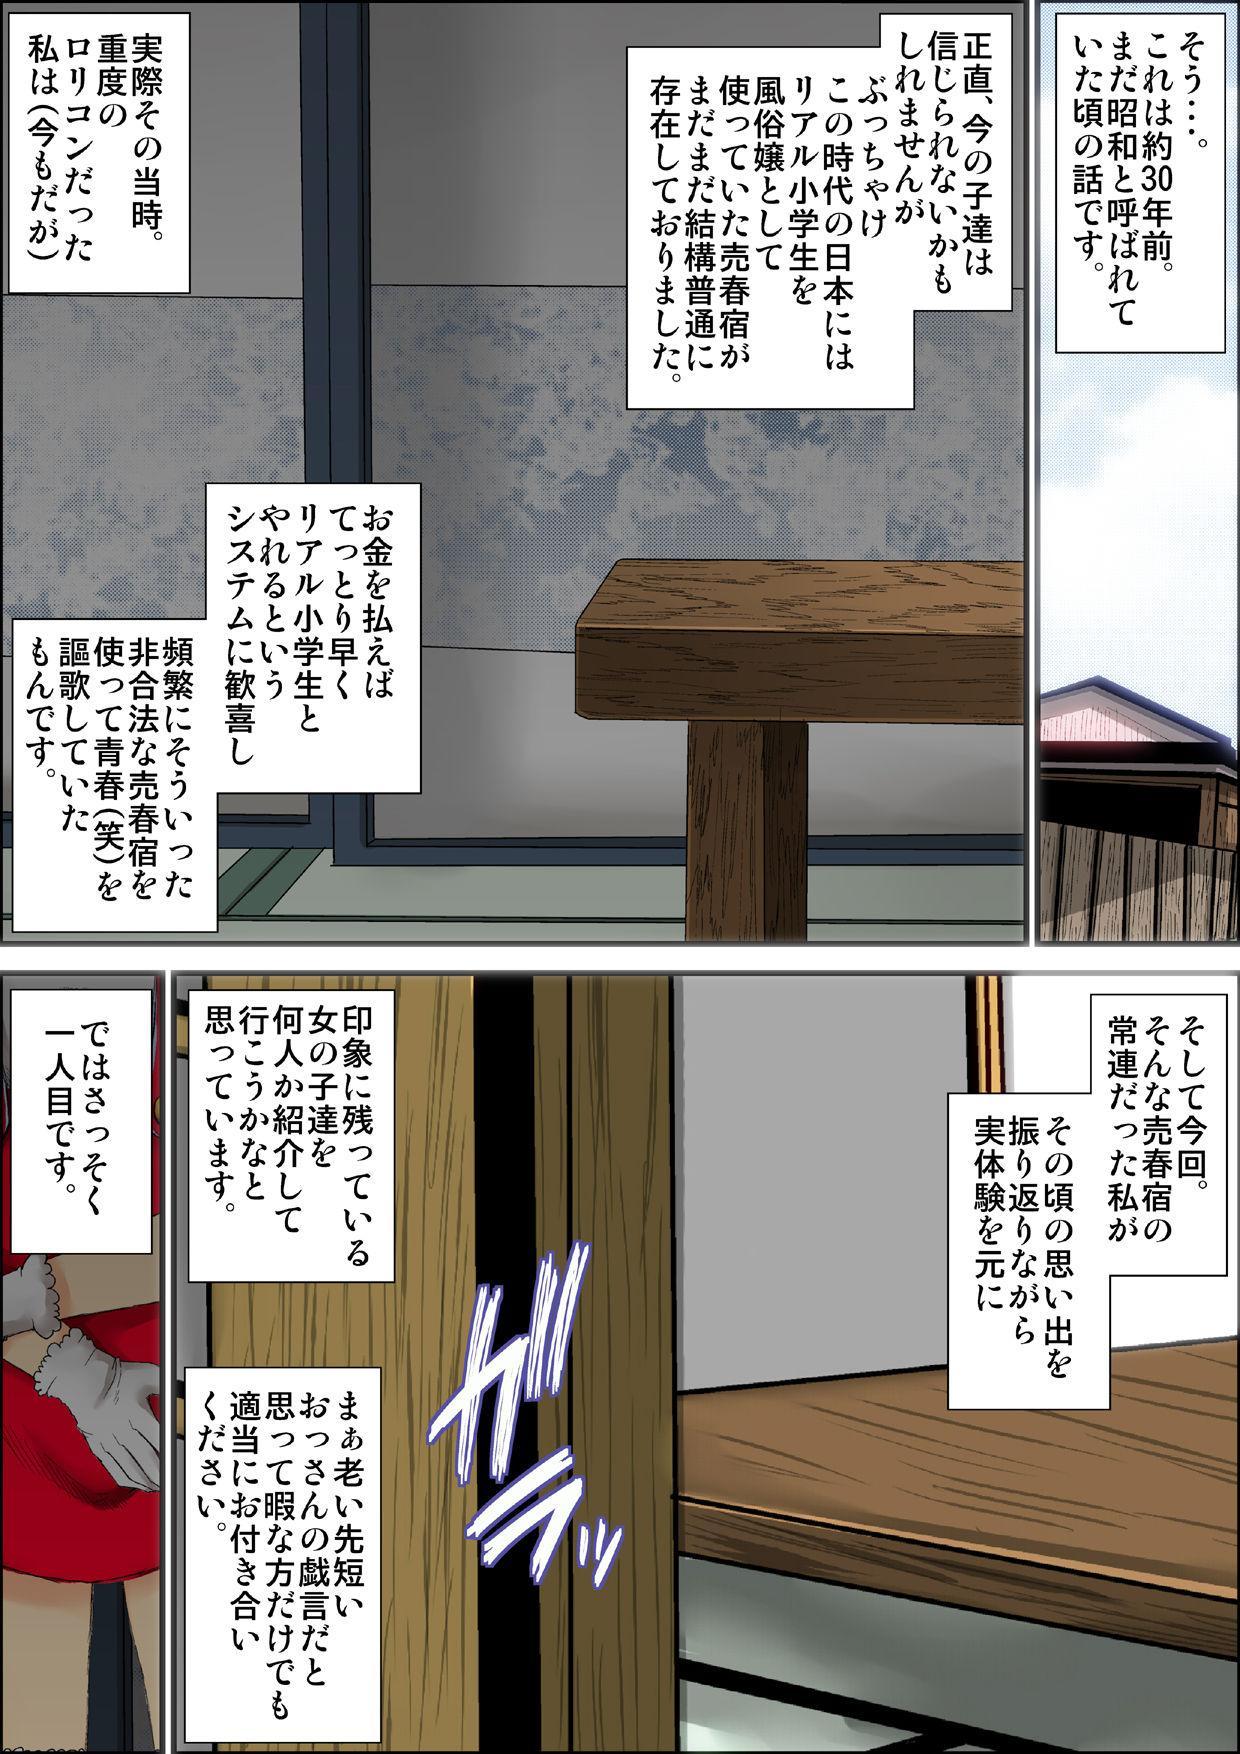 """""""Lolicon Taikendan"""" Shouwa no Gachi Loli Baishunyado ni Kayotteita Toki no Hanashi. 1"""